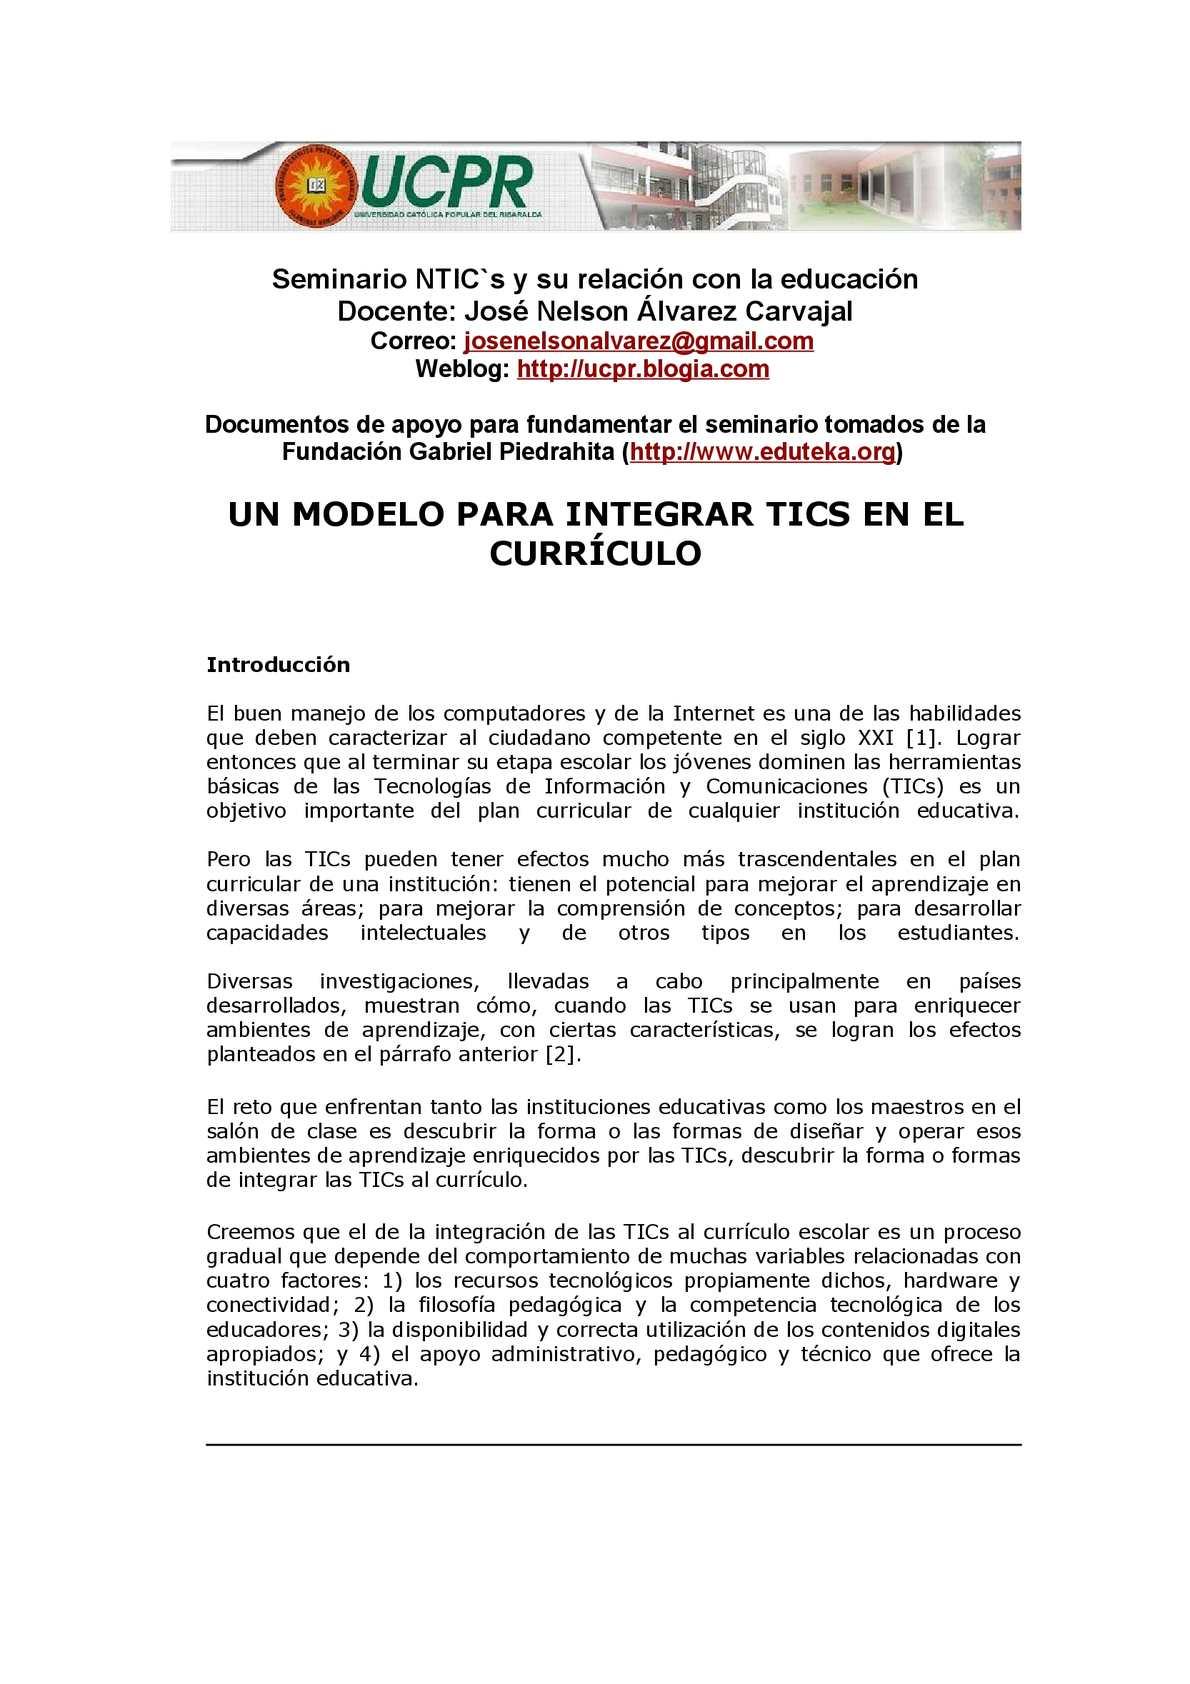 Calaméo - UN MODELO PARA INTEGRAR TICS EN EL CURR CULO 1131e3e1b52